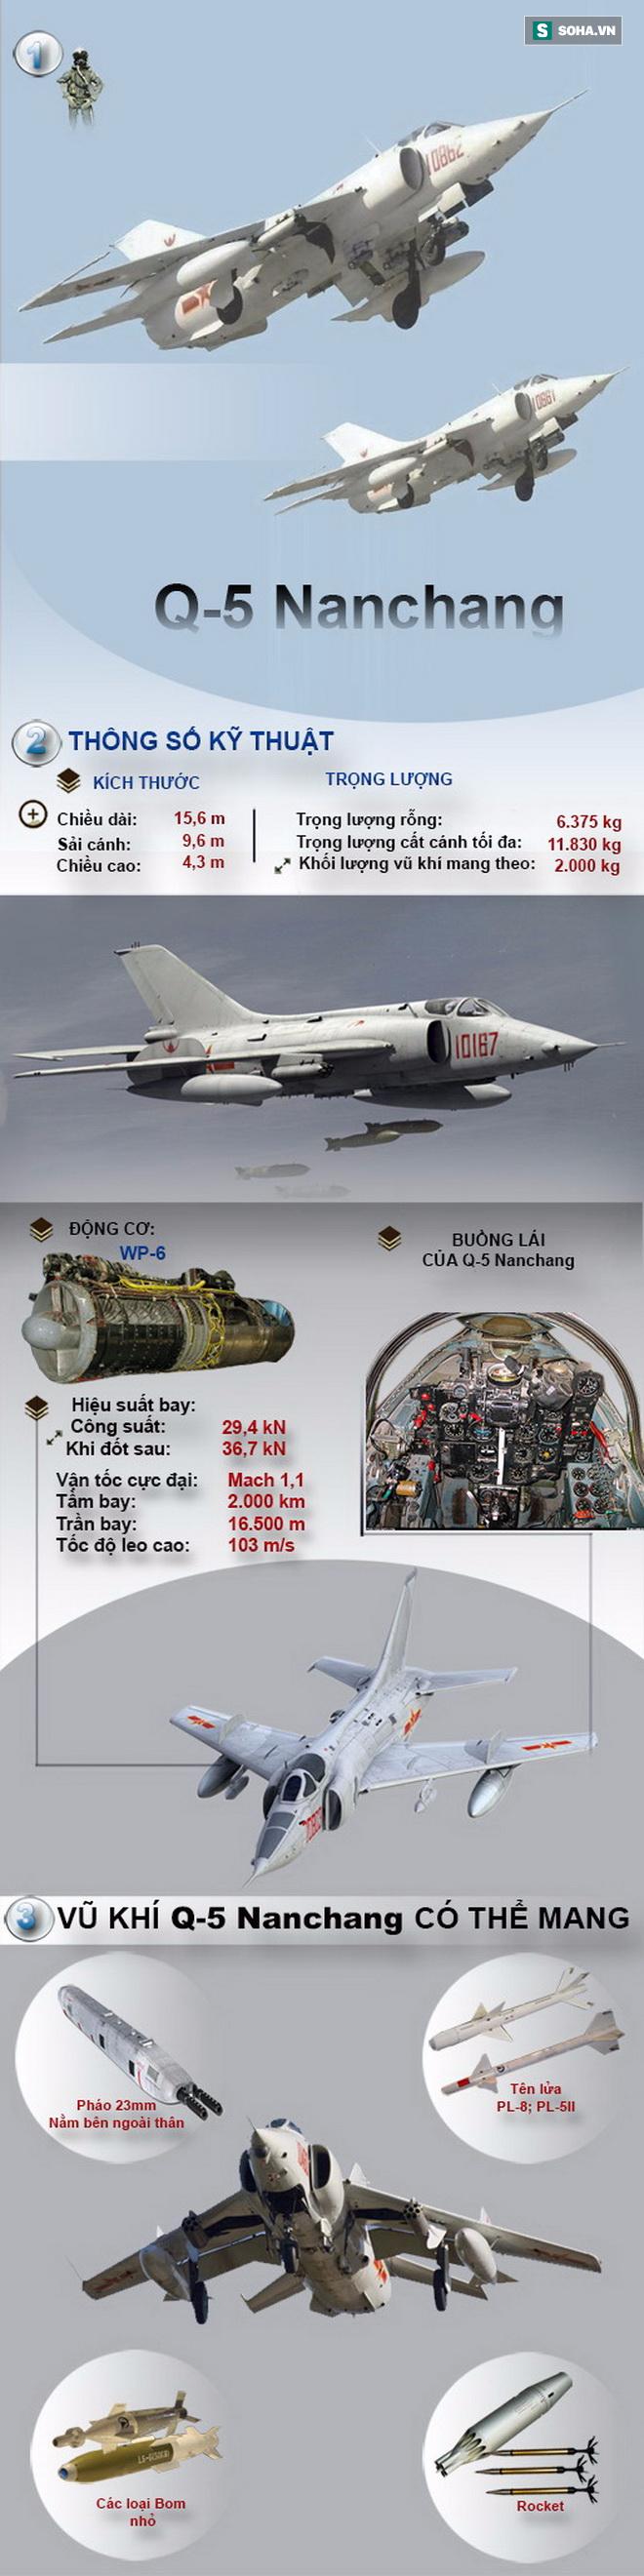 Thật khó tin Không quân Trung Quốc vẫn chưa loại biên chiếc chiến đấu cơ cổ lỗ này - Ảnh 1.